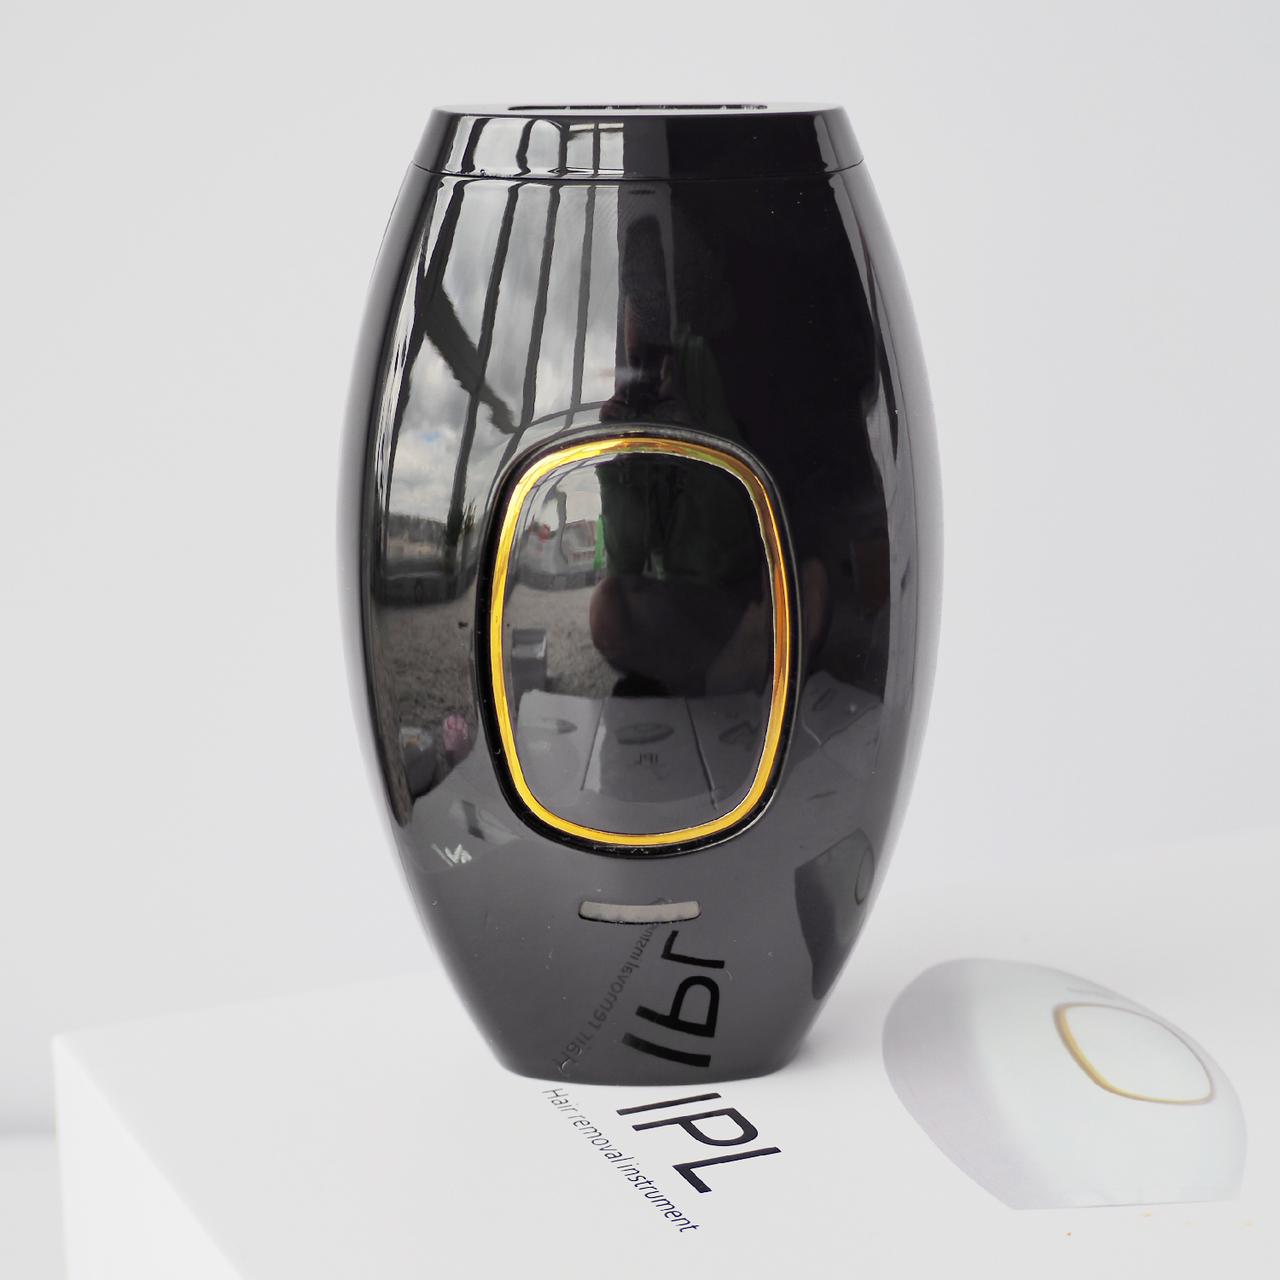 Лазерный эпилятор IPL 999999 вспышек. 5 уровней интенсивности. Лучший фотоэпилятор для дома MEDSET PiPi F2